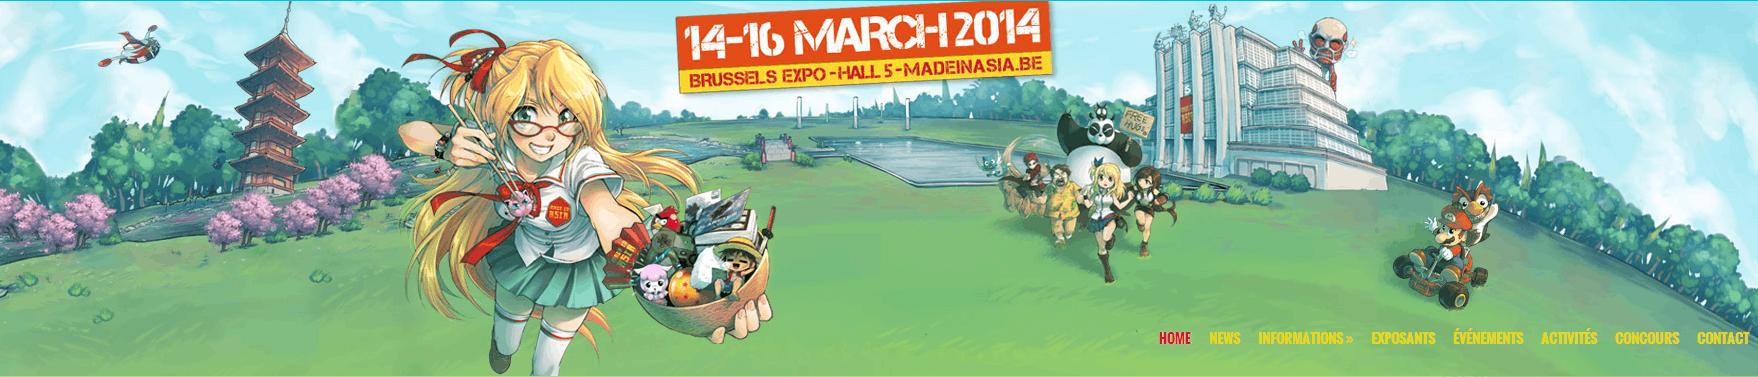 Made In Asia 2014   Venez nous rejoindre du 14 au 16 mars 2014 à Brussels Expo !